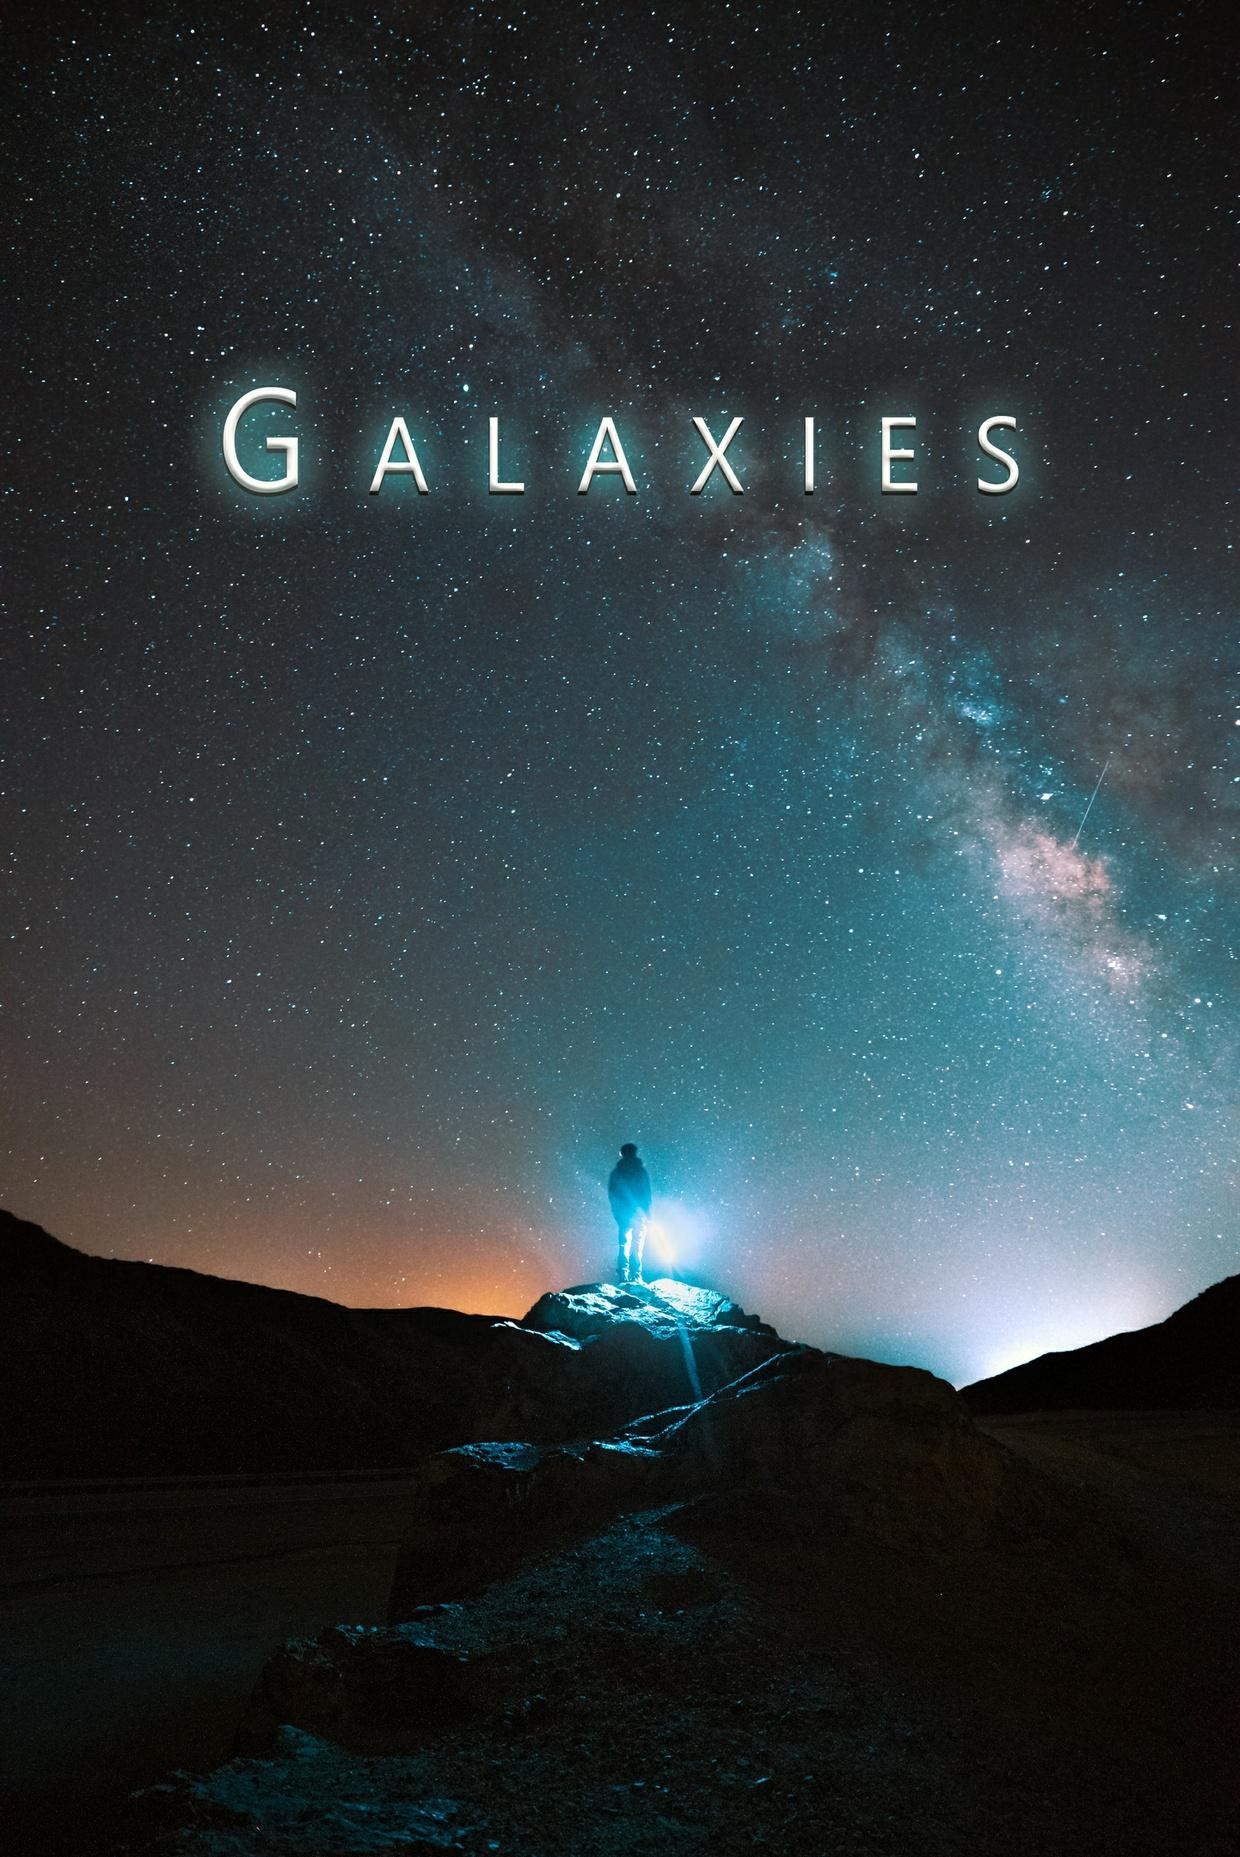 Galaxies Lightroom Preset Pack!